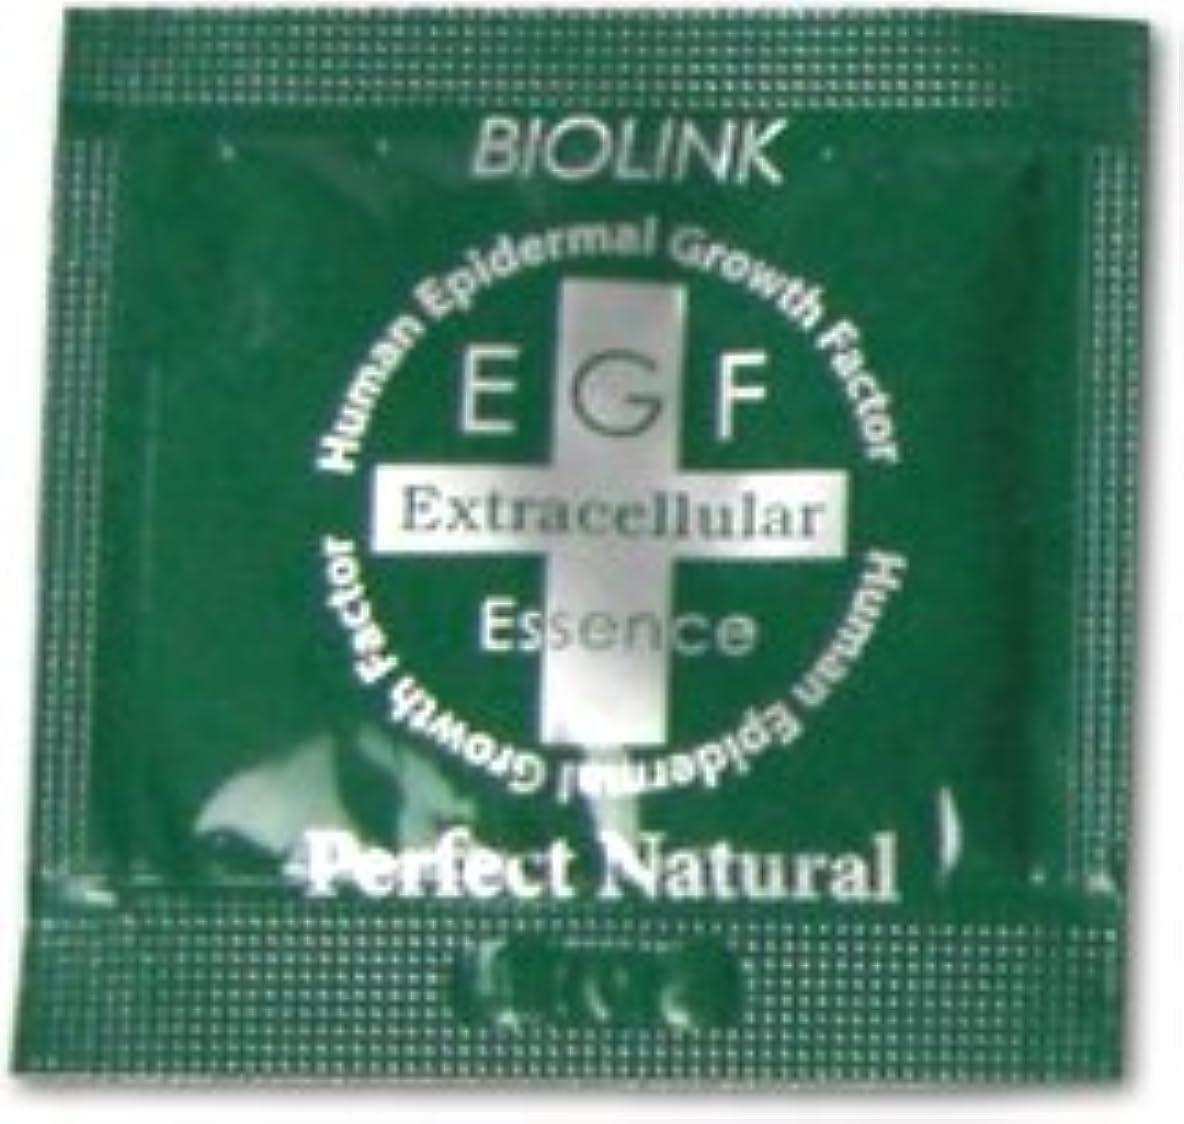 落ちた教室ハーネスバイオリンク EGF エクストラエッセンスPN(パーフェクトナチュラル) 分包 30個+1個おまけ付きセット